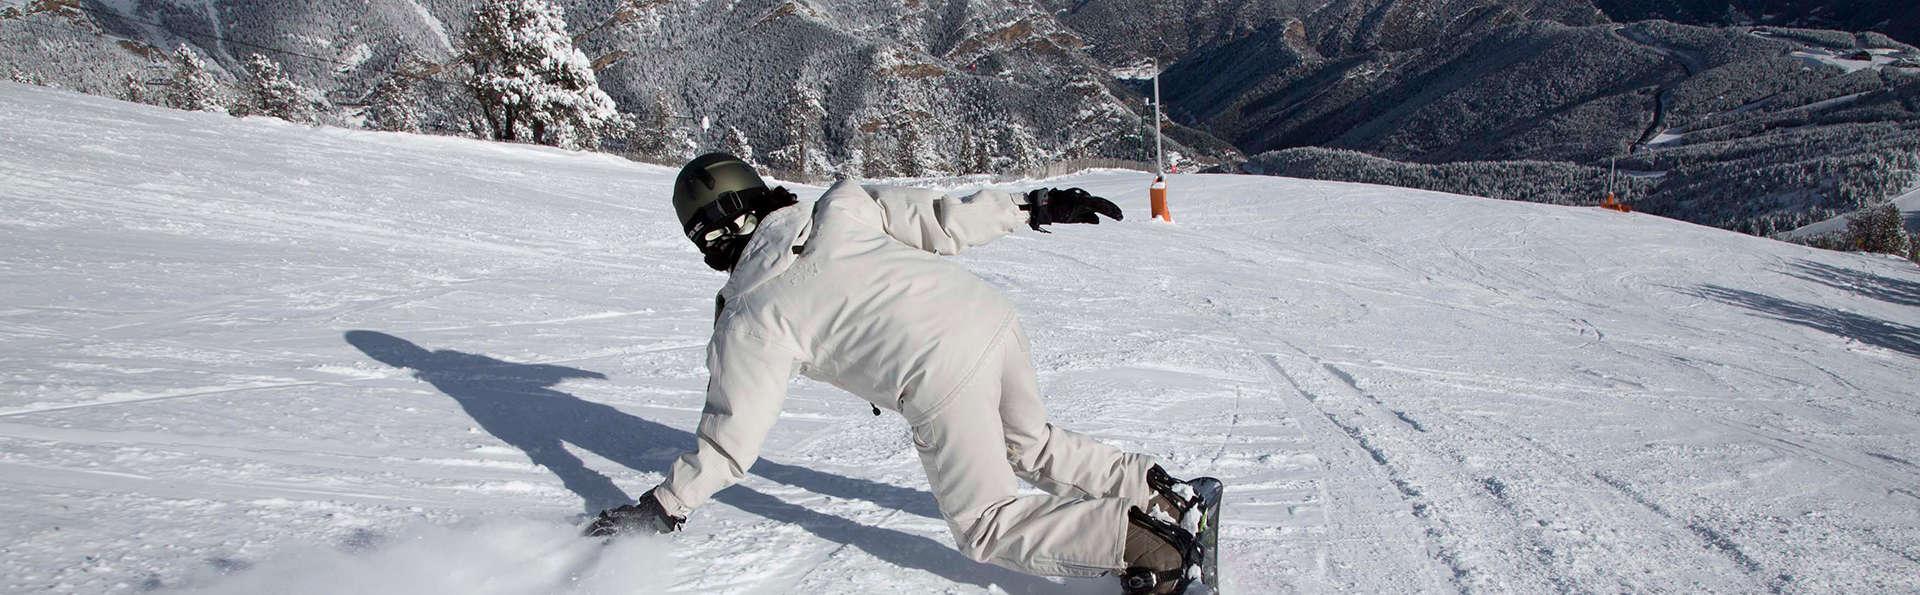 ¡Atención! Especial rebajas esquí en media pensión y forfait de dos días en Pal Arinsal